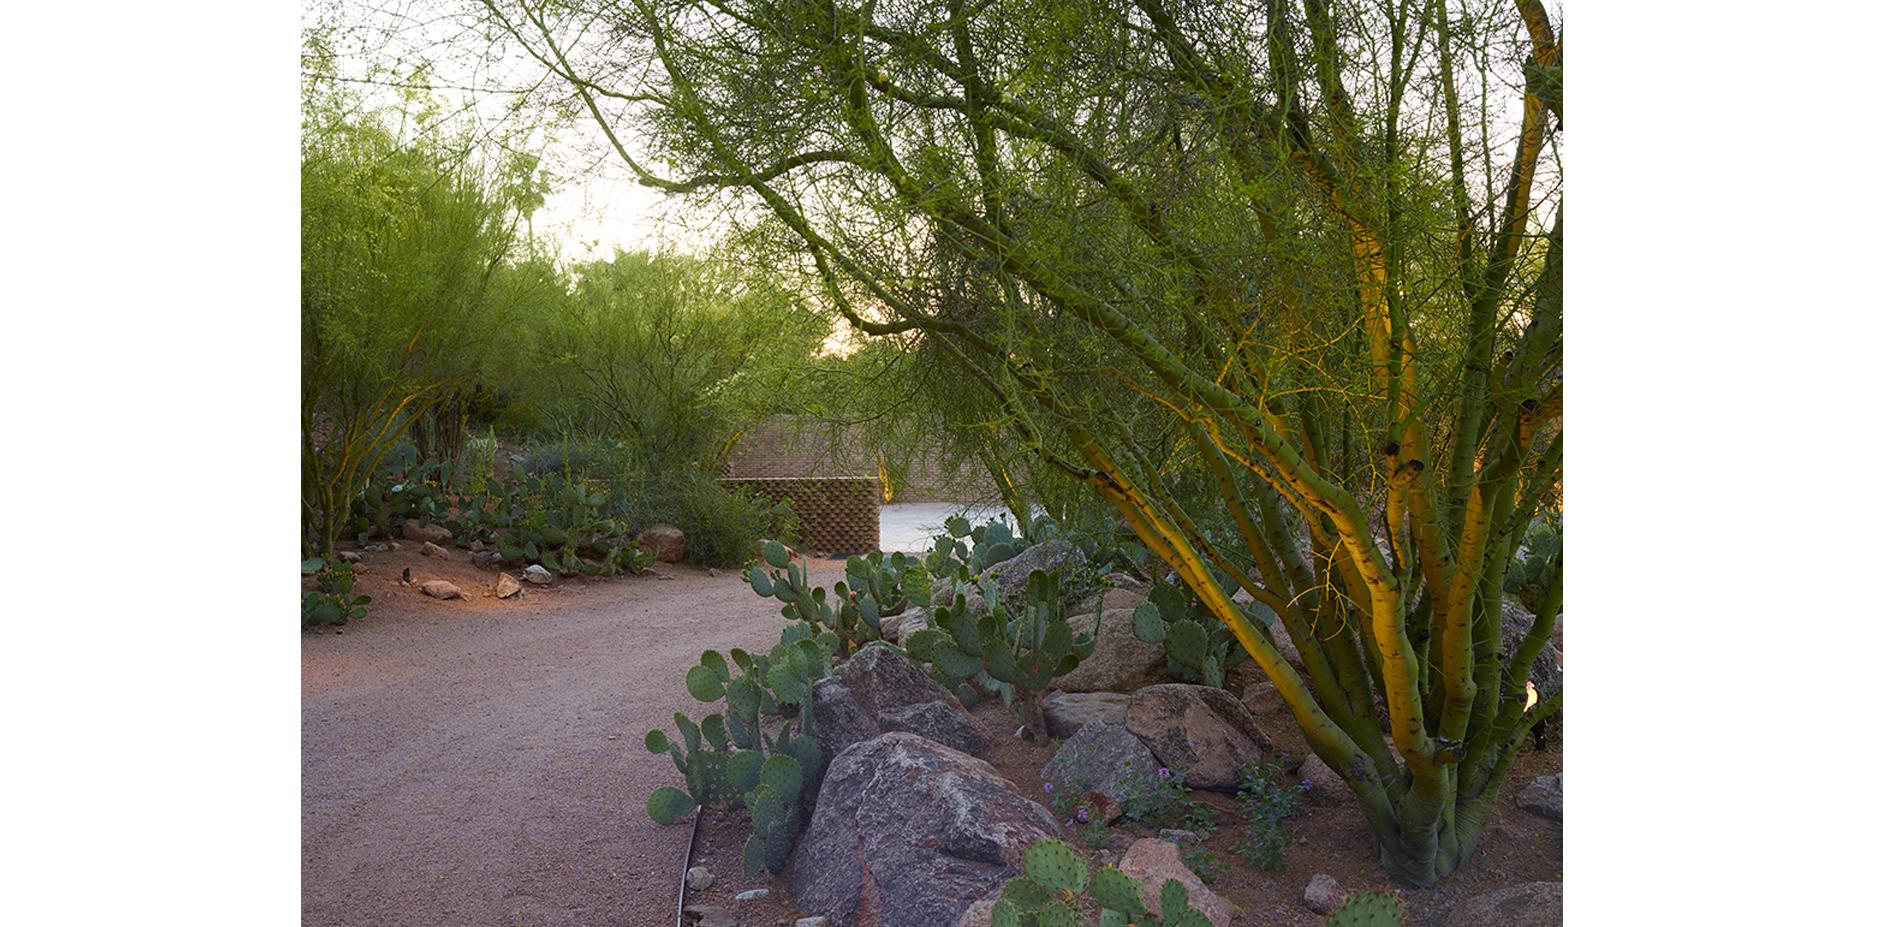 Entry Drive Through Palo Verde Bosque